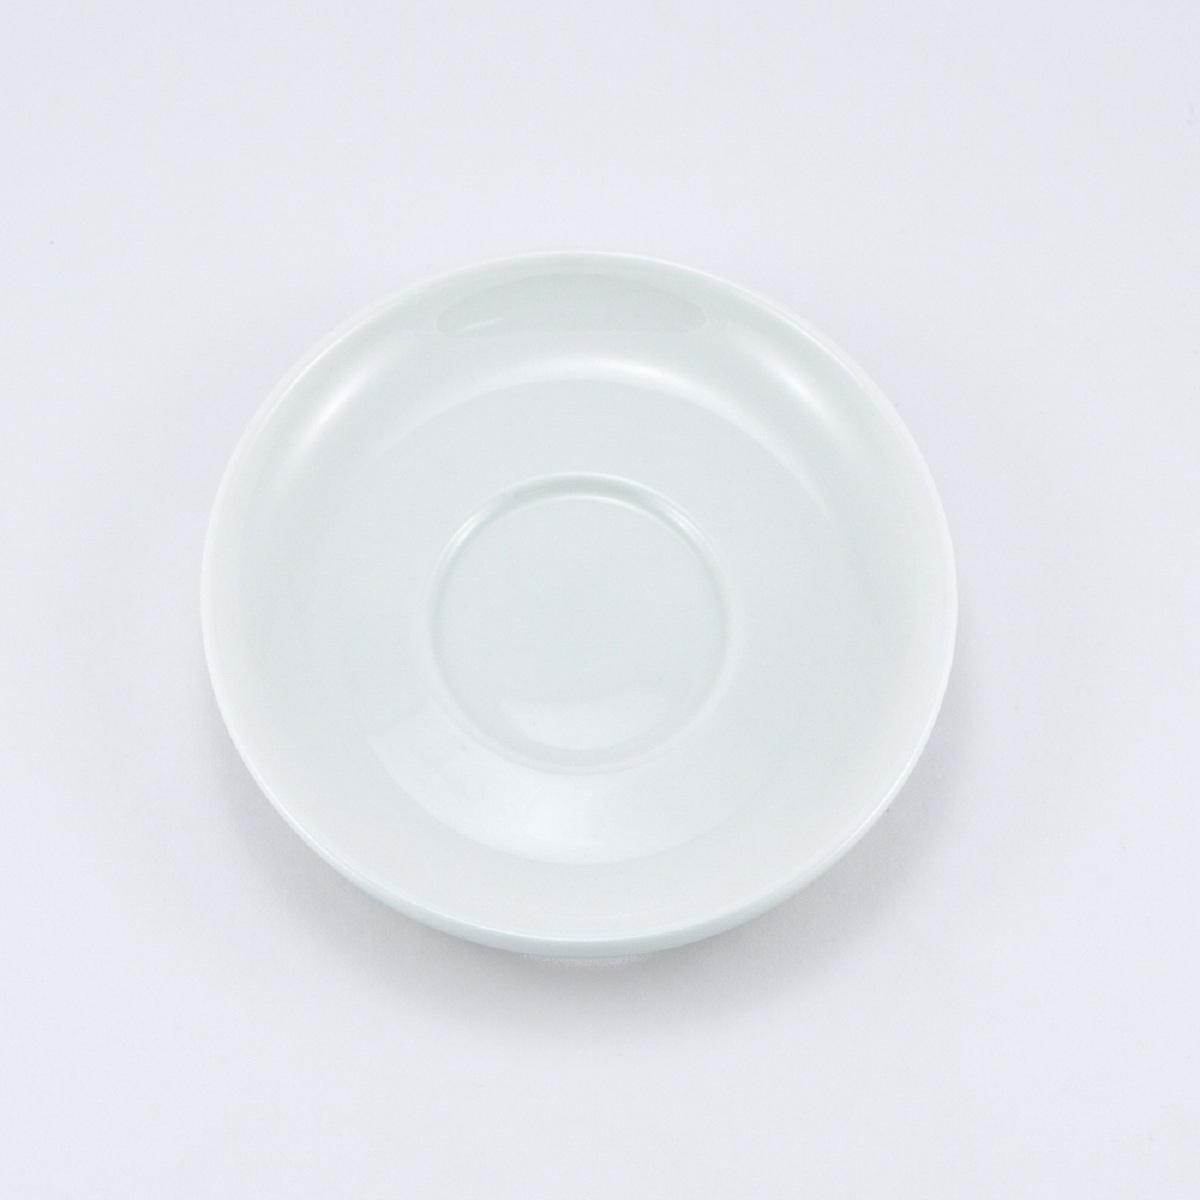 Блюдце чайное Royal Porcelain Ascot, цвет: белый, диаметр 14,5 смB1012Блюдце чайное Royal Porcelain Ascot- новый уникальный продукт на рынке фарфора, производится из материала, в состав которого входит алюминиум(глинозем) в виде порошка, что придает фарфору уникальные свойства: белоснежный цвет, как на поверхности, так и на изломе, более тонкие иизящные формы, так как добавление металла делает фарфоровую массу более пластичной, устойчивость к сколам и царапинам.Возможный перепад температур при эксплуатации до 200 градусов!Фарфор покрывается глазурью, что характеризует эту посуду как продукт высшего класса.Идеально подходит для использования в микроволновой печи и посудомоечной машине.